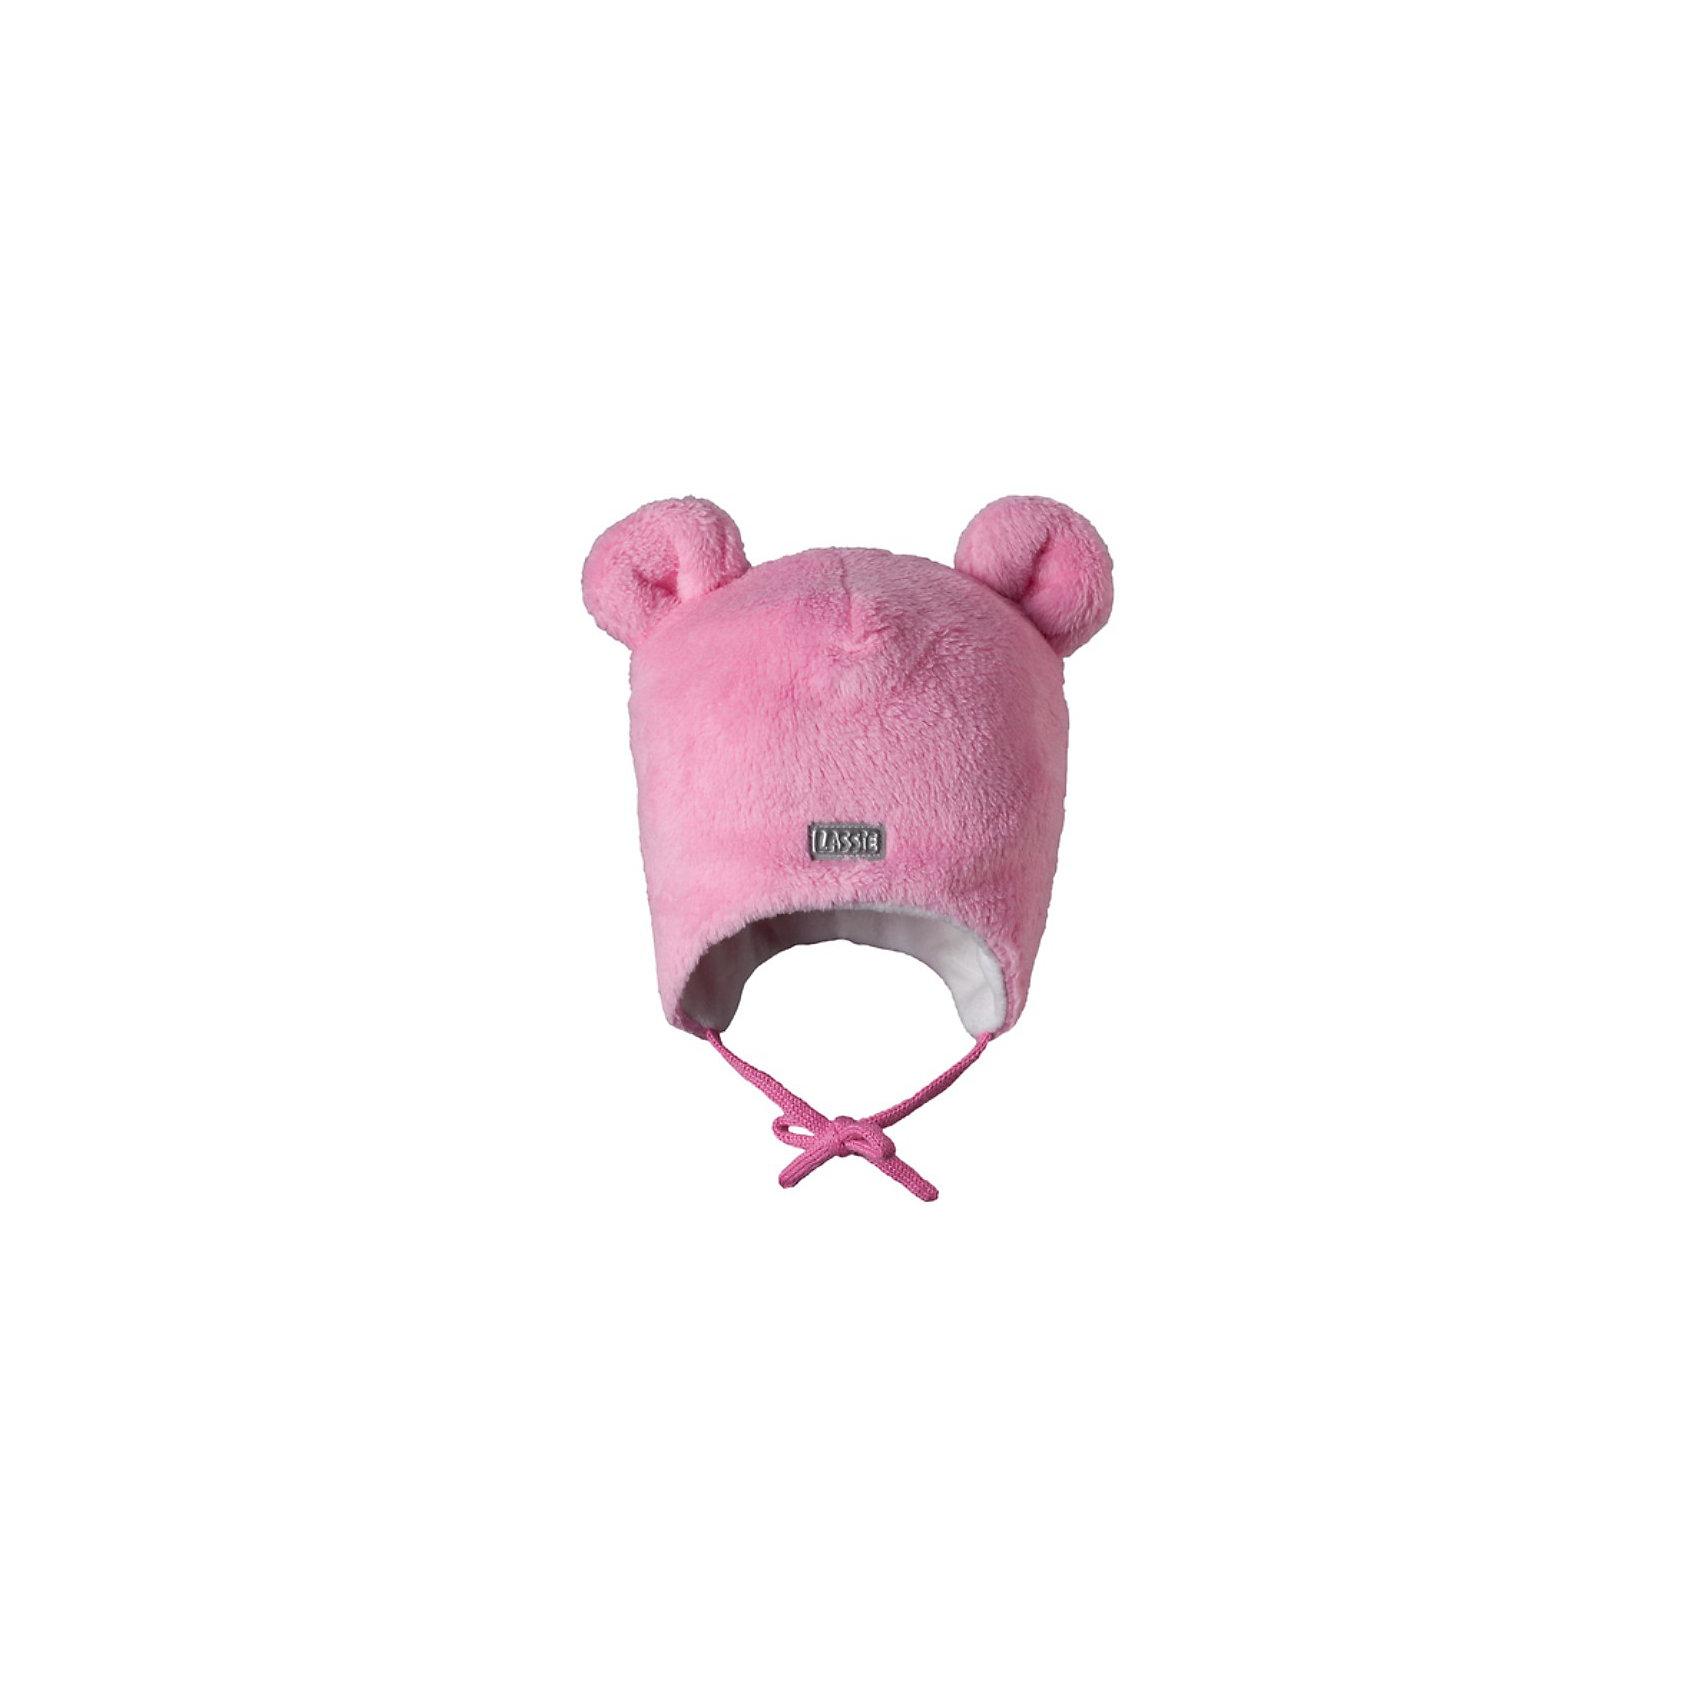 Шапка для девочки LASSIE by ReimaШапка для девочки от популярной финской марки LASSIE by Reima (Лесси от Рейма)  с симпатичными ушками.<br><br>Дополнительная информация:<br><br>- Благодаря завязкам шапка плотно сидит на голове ребенка и не сползает<br>- Cветоотражающий элемент для безопасности ребенка<br>- Ветронепроницаемые вставки в области ушей<br>- Яркий, насыщенный цвет<br>- Материал: флис,  100% полиэстер<br><br>Шапка для девочки LASSIE by Reima (Лесси от Рейма) можно купить в нашем магазине.<br><br>Ширина мм: 89<br>Глубина мм: 117<br>Высота мм: 44<br>Вес г: 155<br>Цвет: розовый<br>Возраст от месяцев: 6<br>Возраст до месяцев: 12<br>Пол: Женский<br>Возраст: Детский<br>Размер: 50-52,44-46,42-44,46-48<br>SKU: 3686112